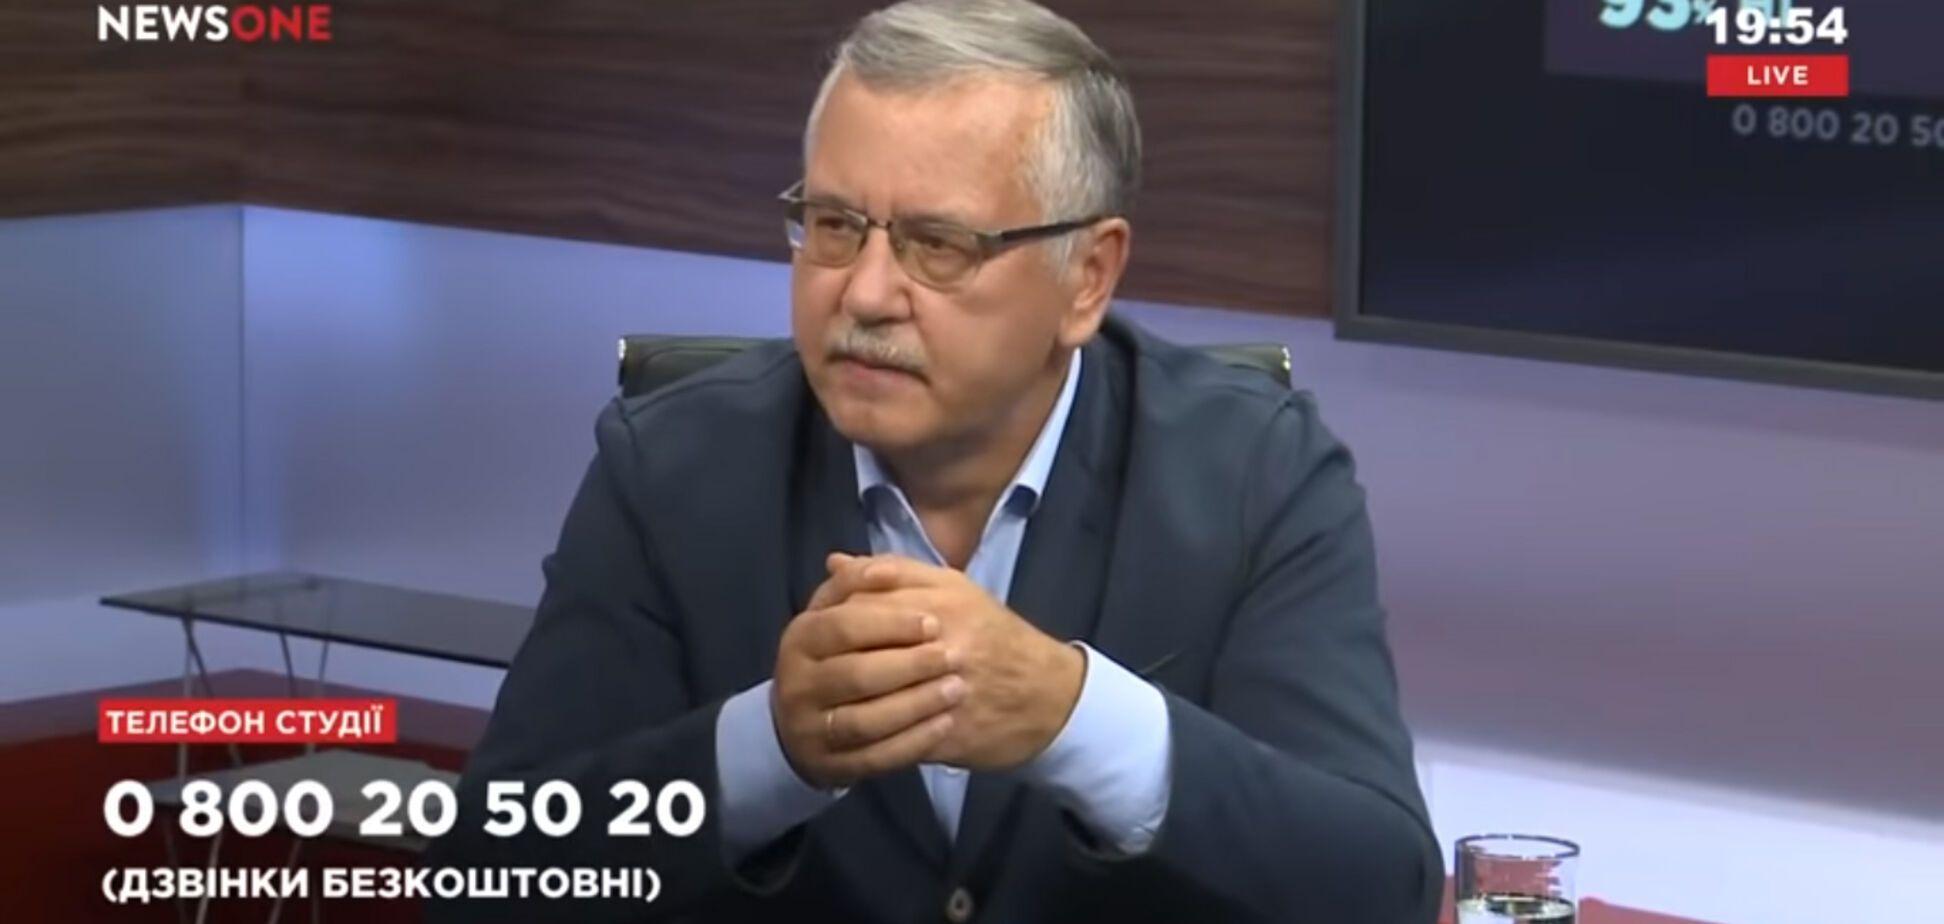 Гроші і 'дубизм': Гриценко розповів, чому із ЗСУ йдуть військові